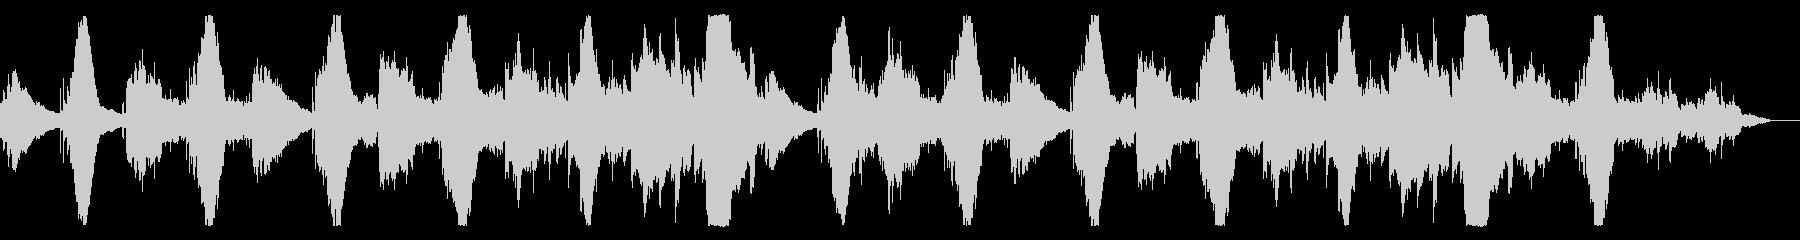 ギターのアルペジオが美しいバラードの未再生の波形